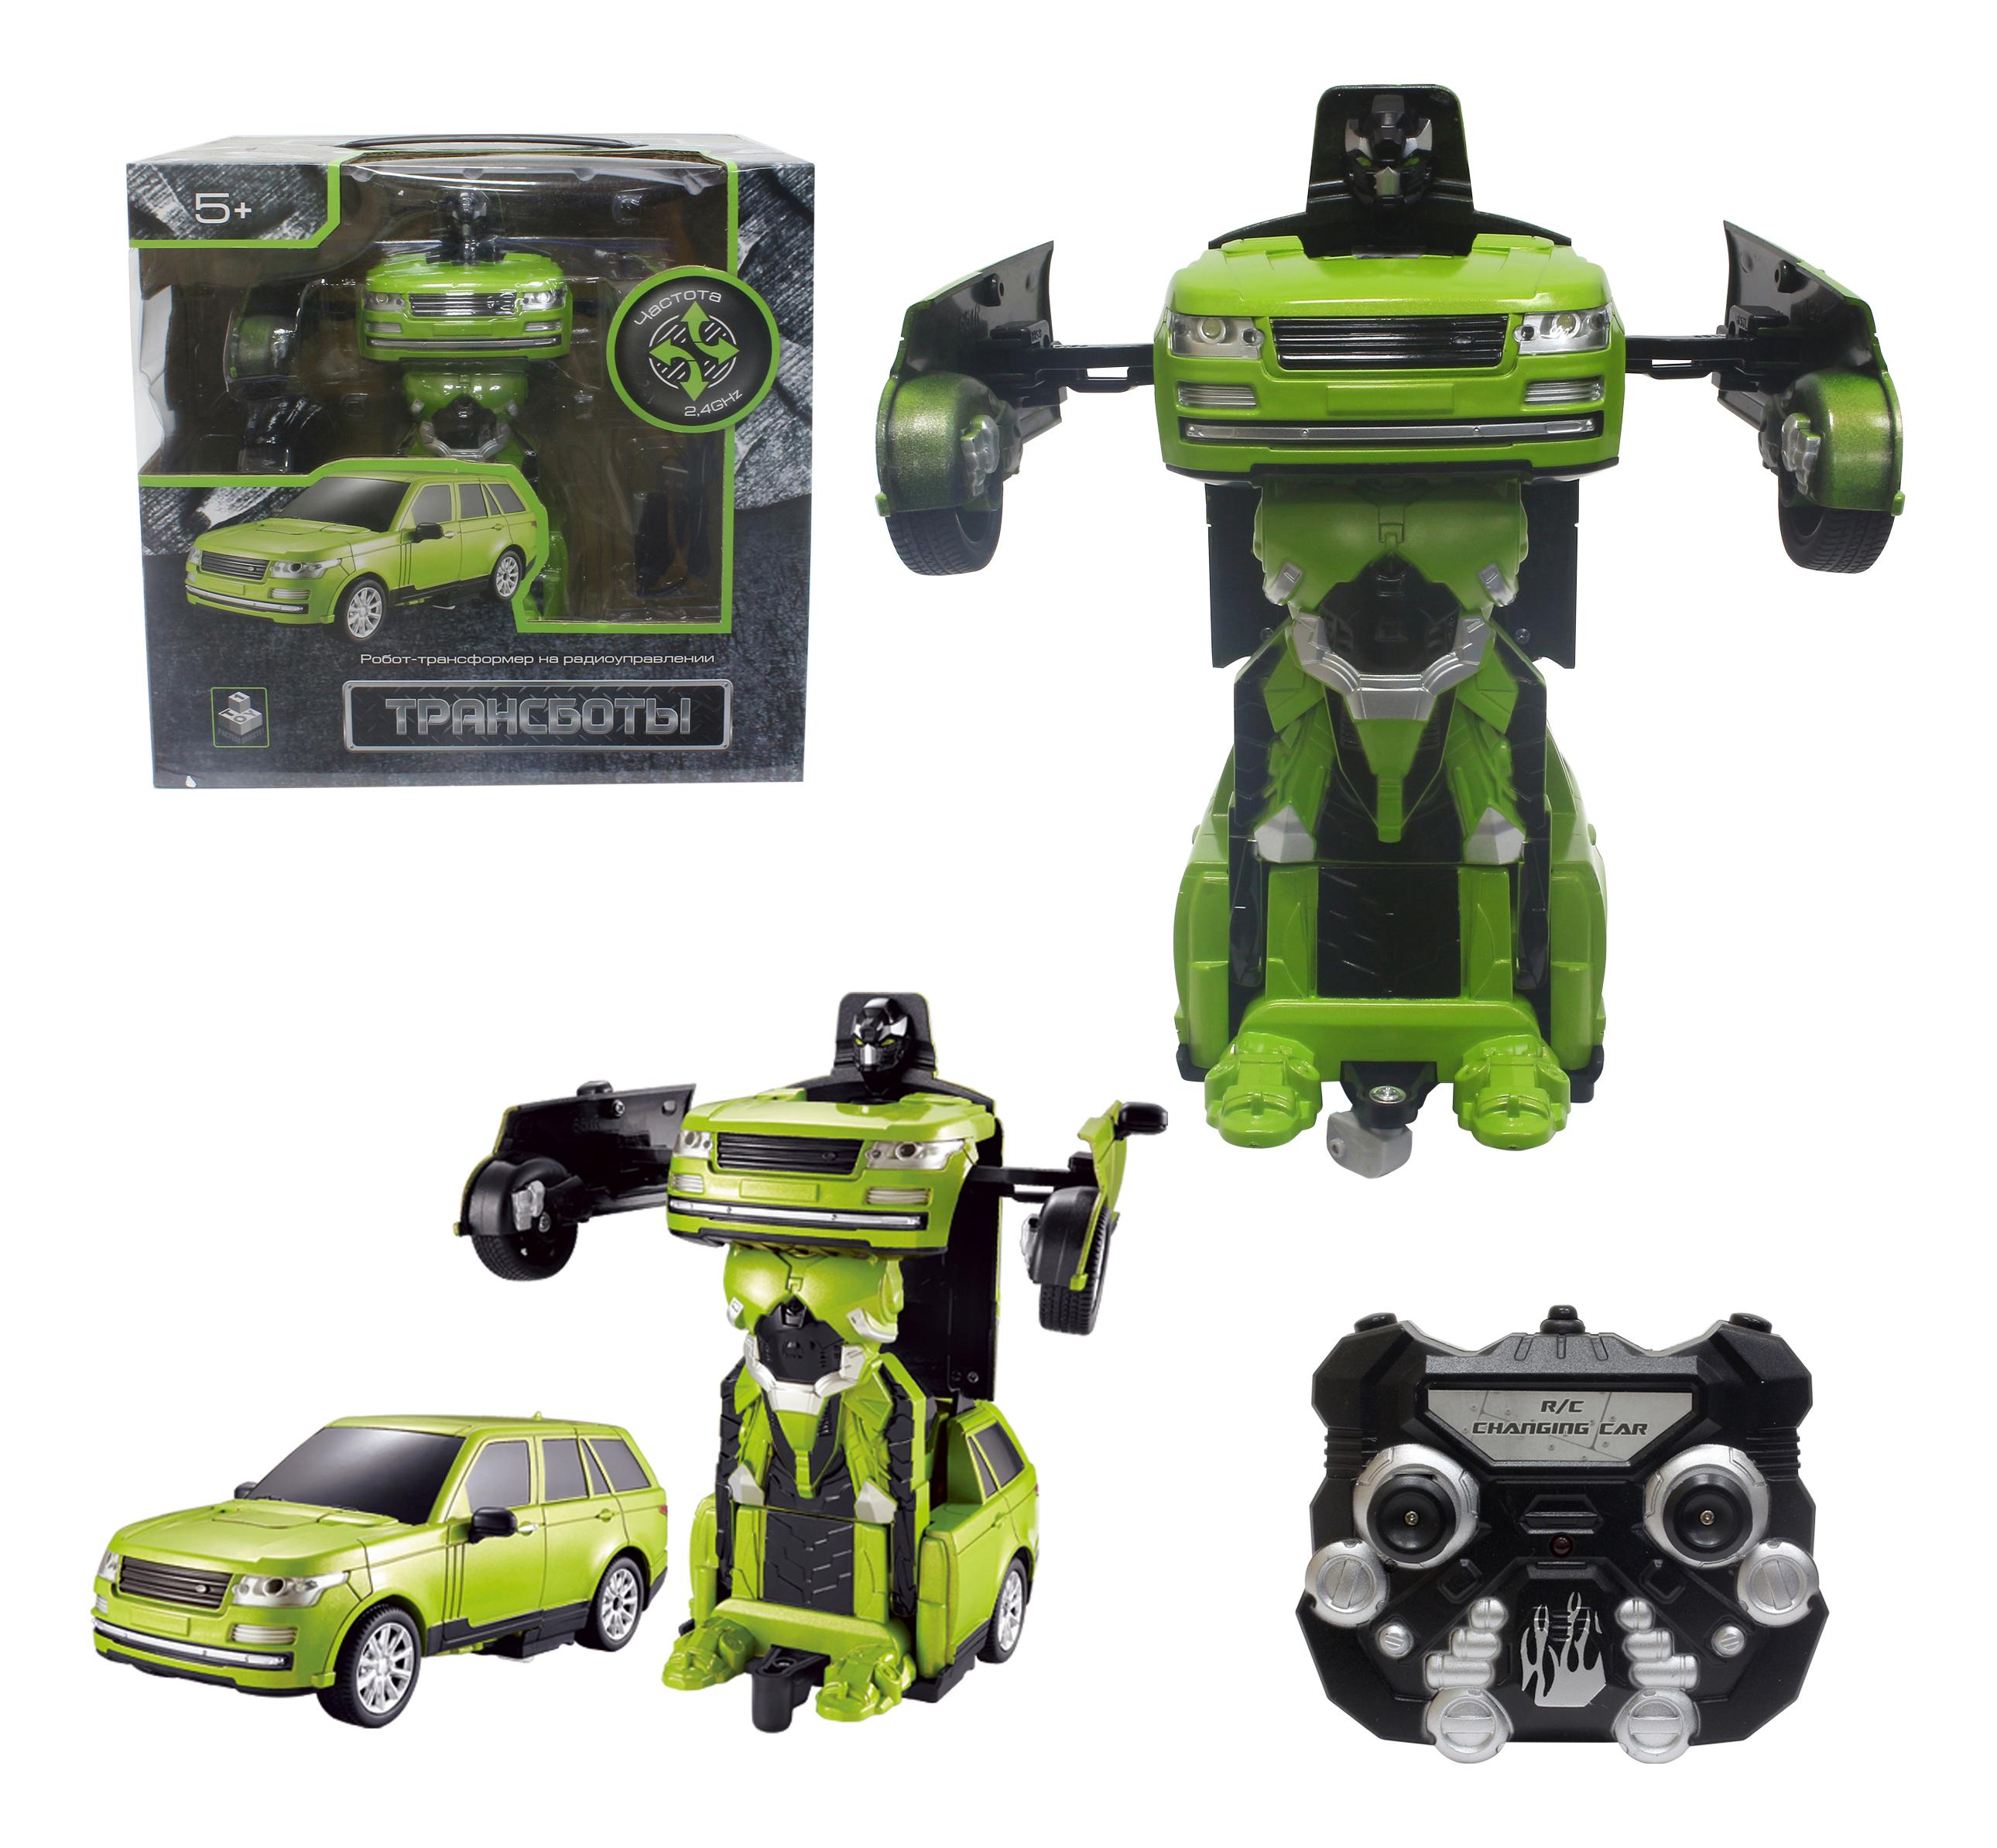 Купить Трансботы Джип, Радиоуправляемый робот 1TOY Трансботы - Джип зелёный, 1 TOY, Радиоуправляемые роботы